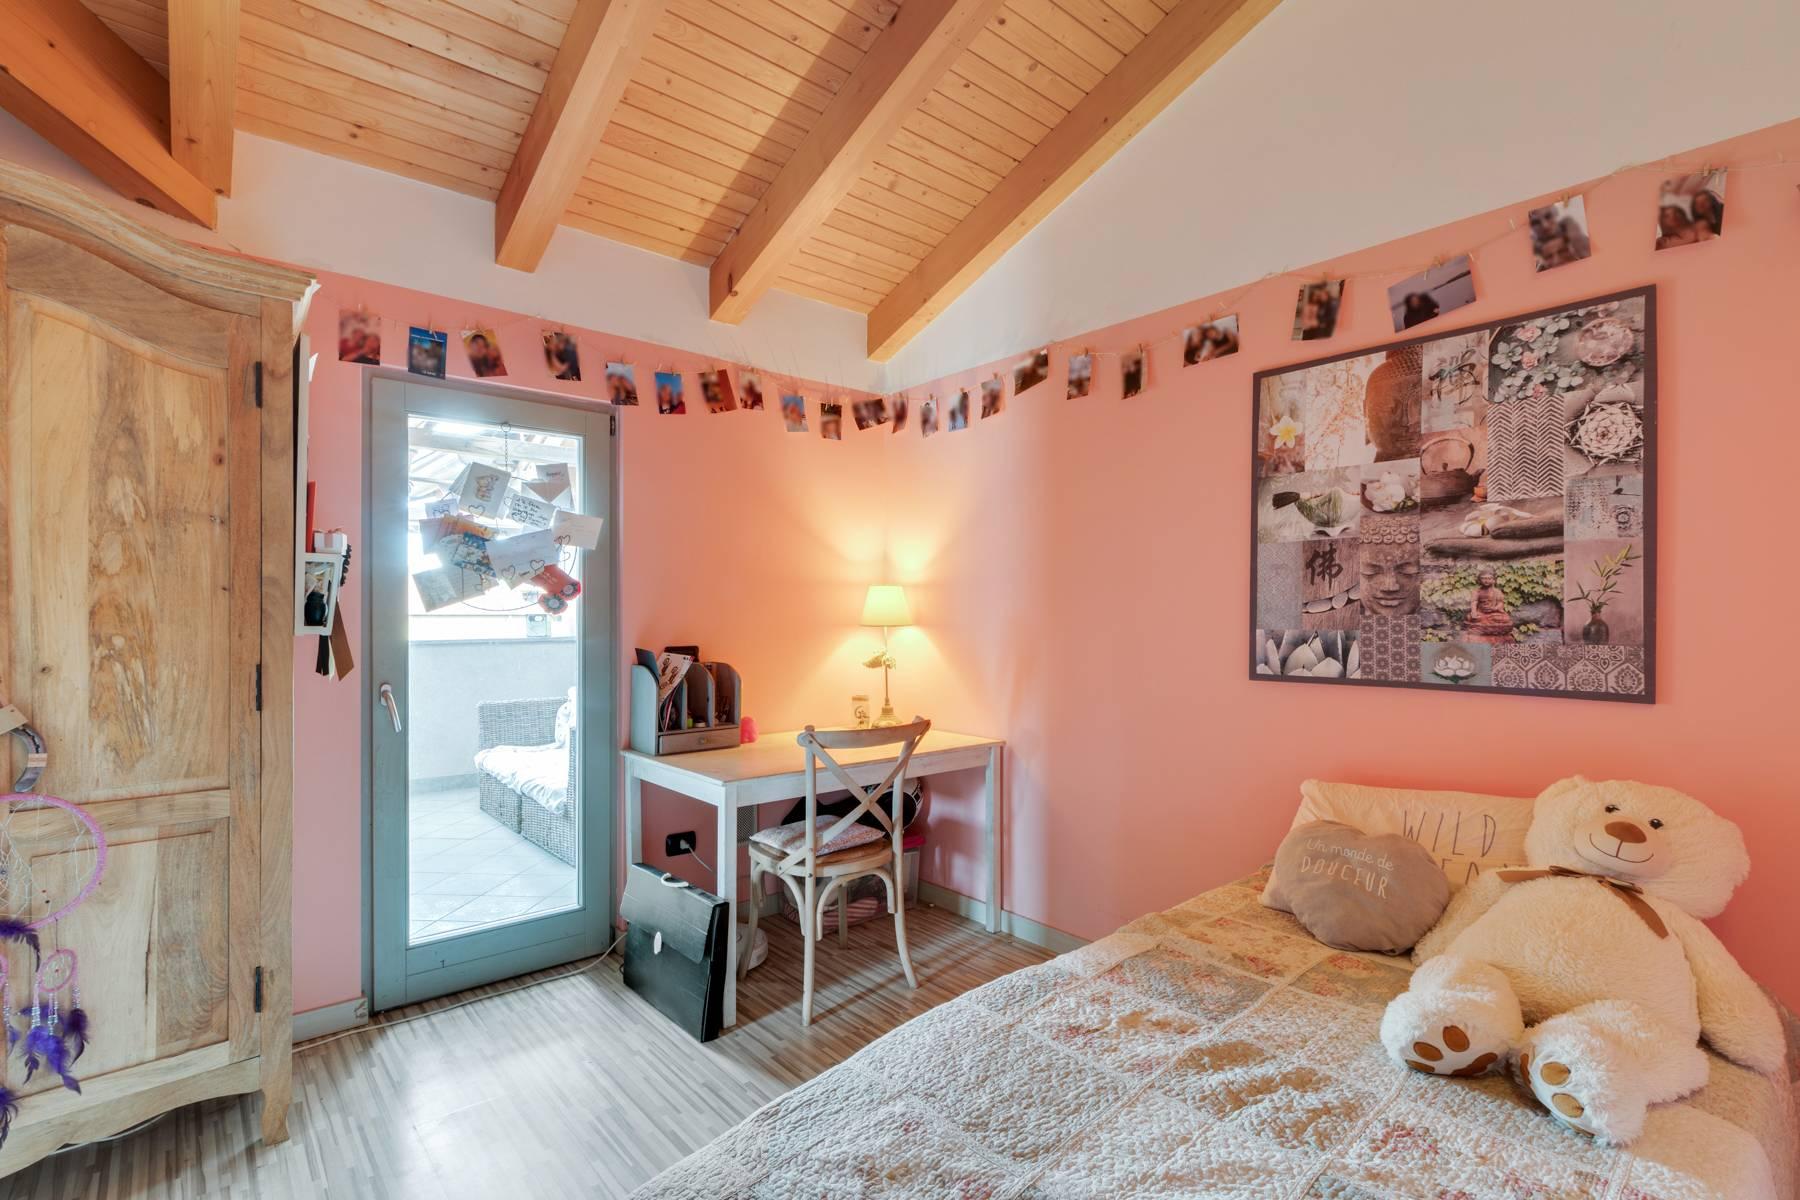 Attico in Vendita a Borgo Ticino: 5 locali, 160 mq - Foto 14